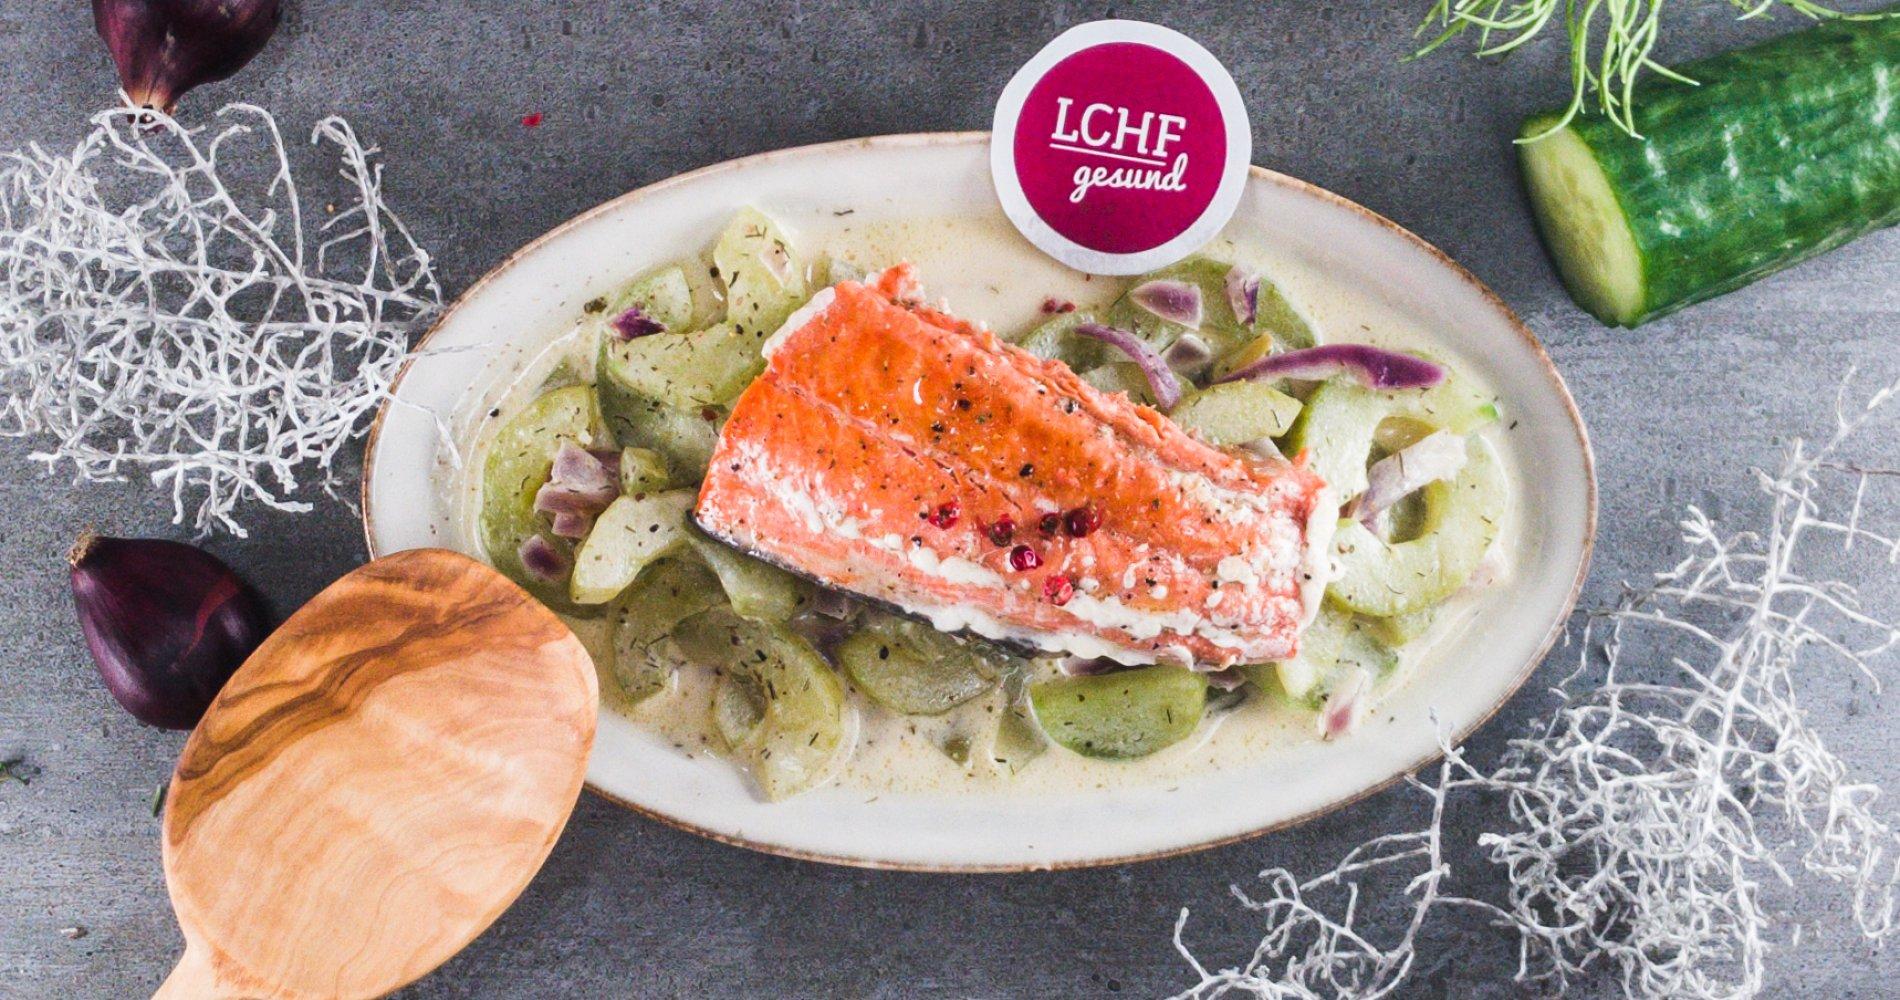 Rezept Low Carb: Gebratener Lachs - LCHF-gesund.de